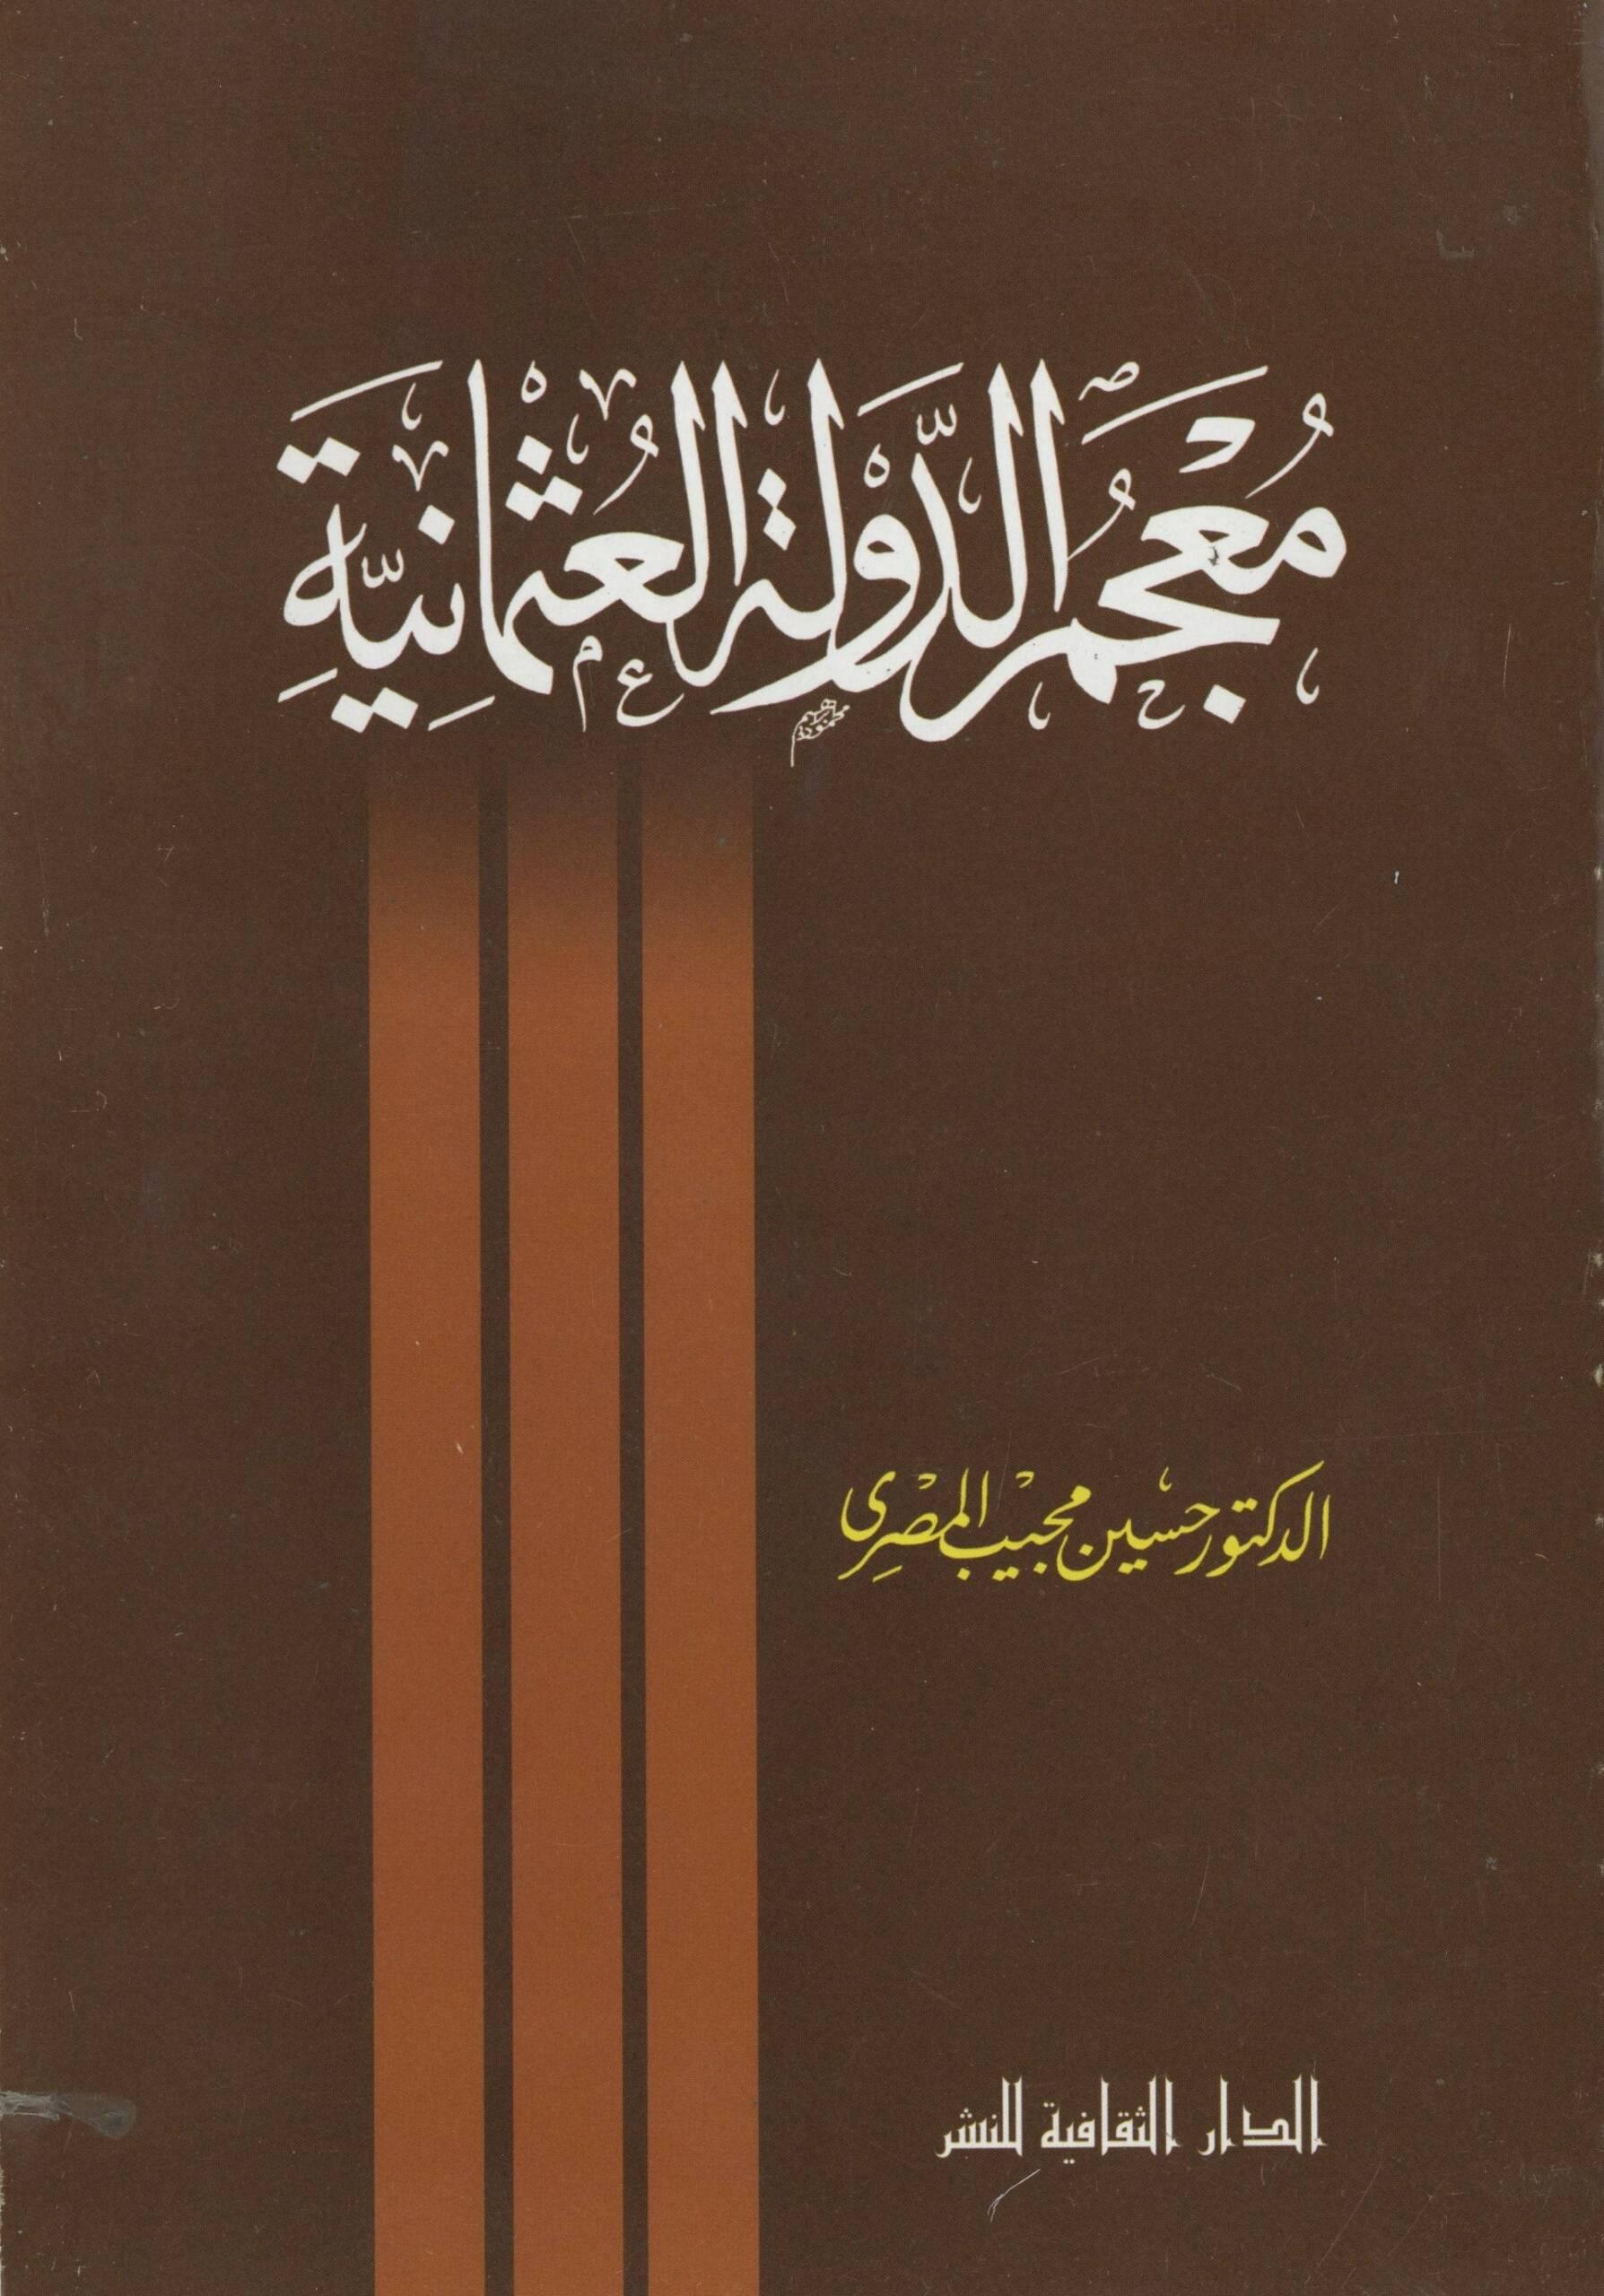 معجم الدولة العثمانية